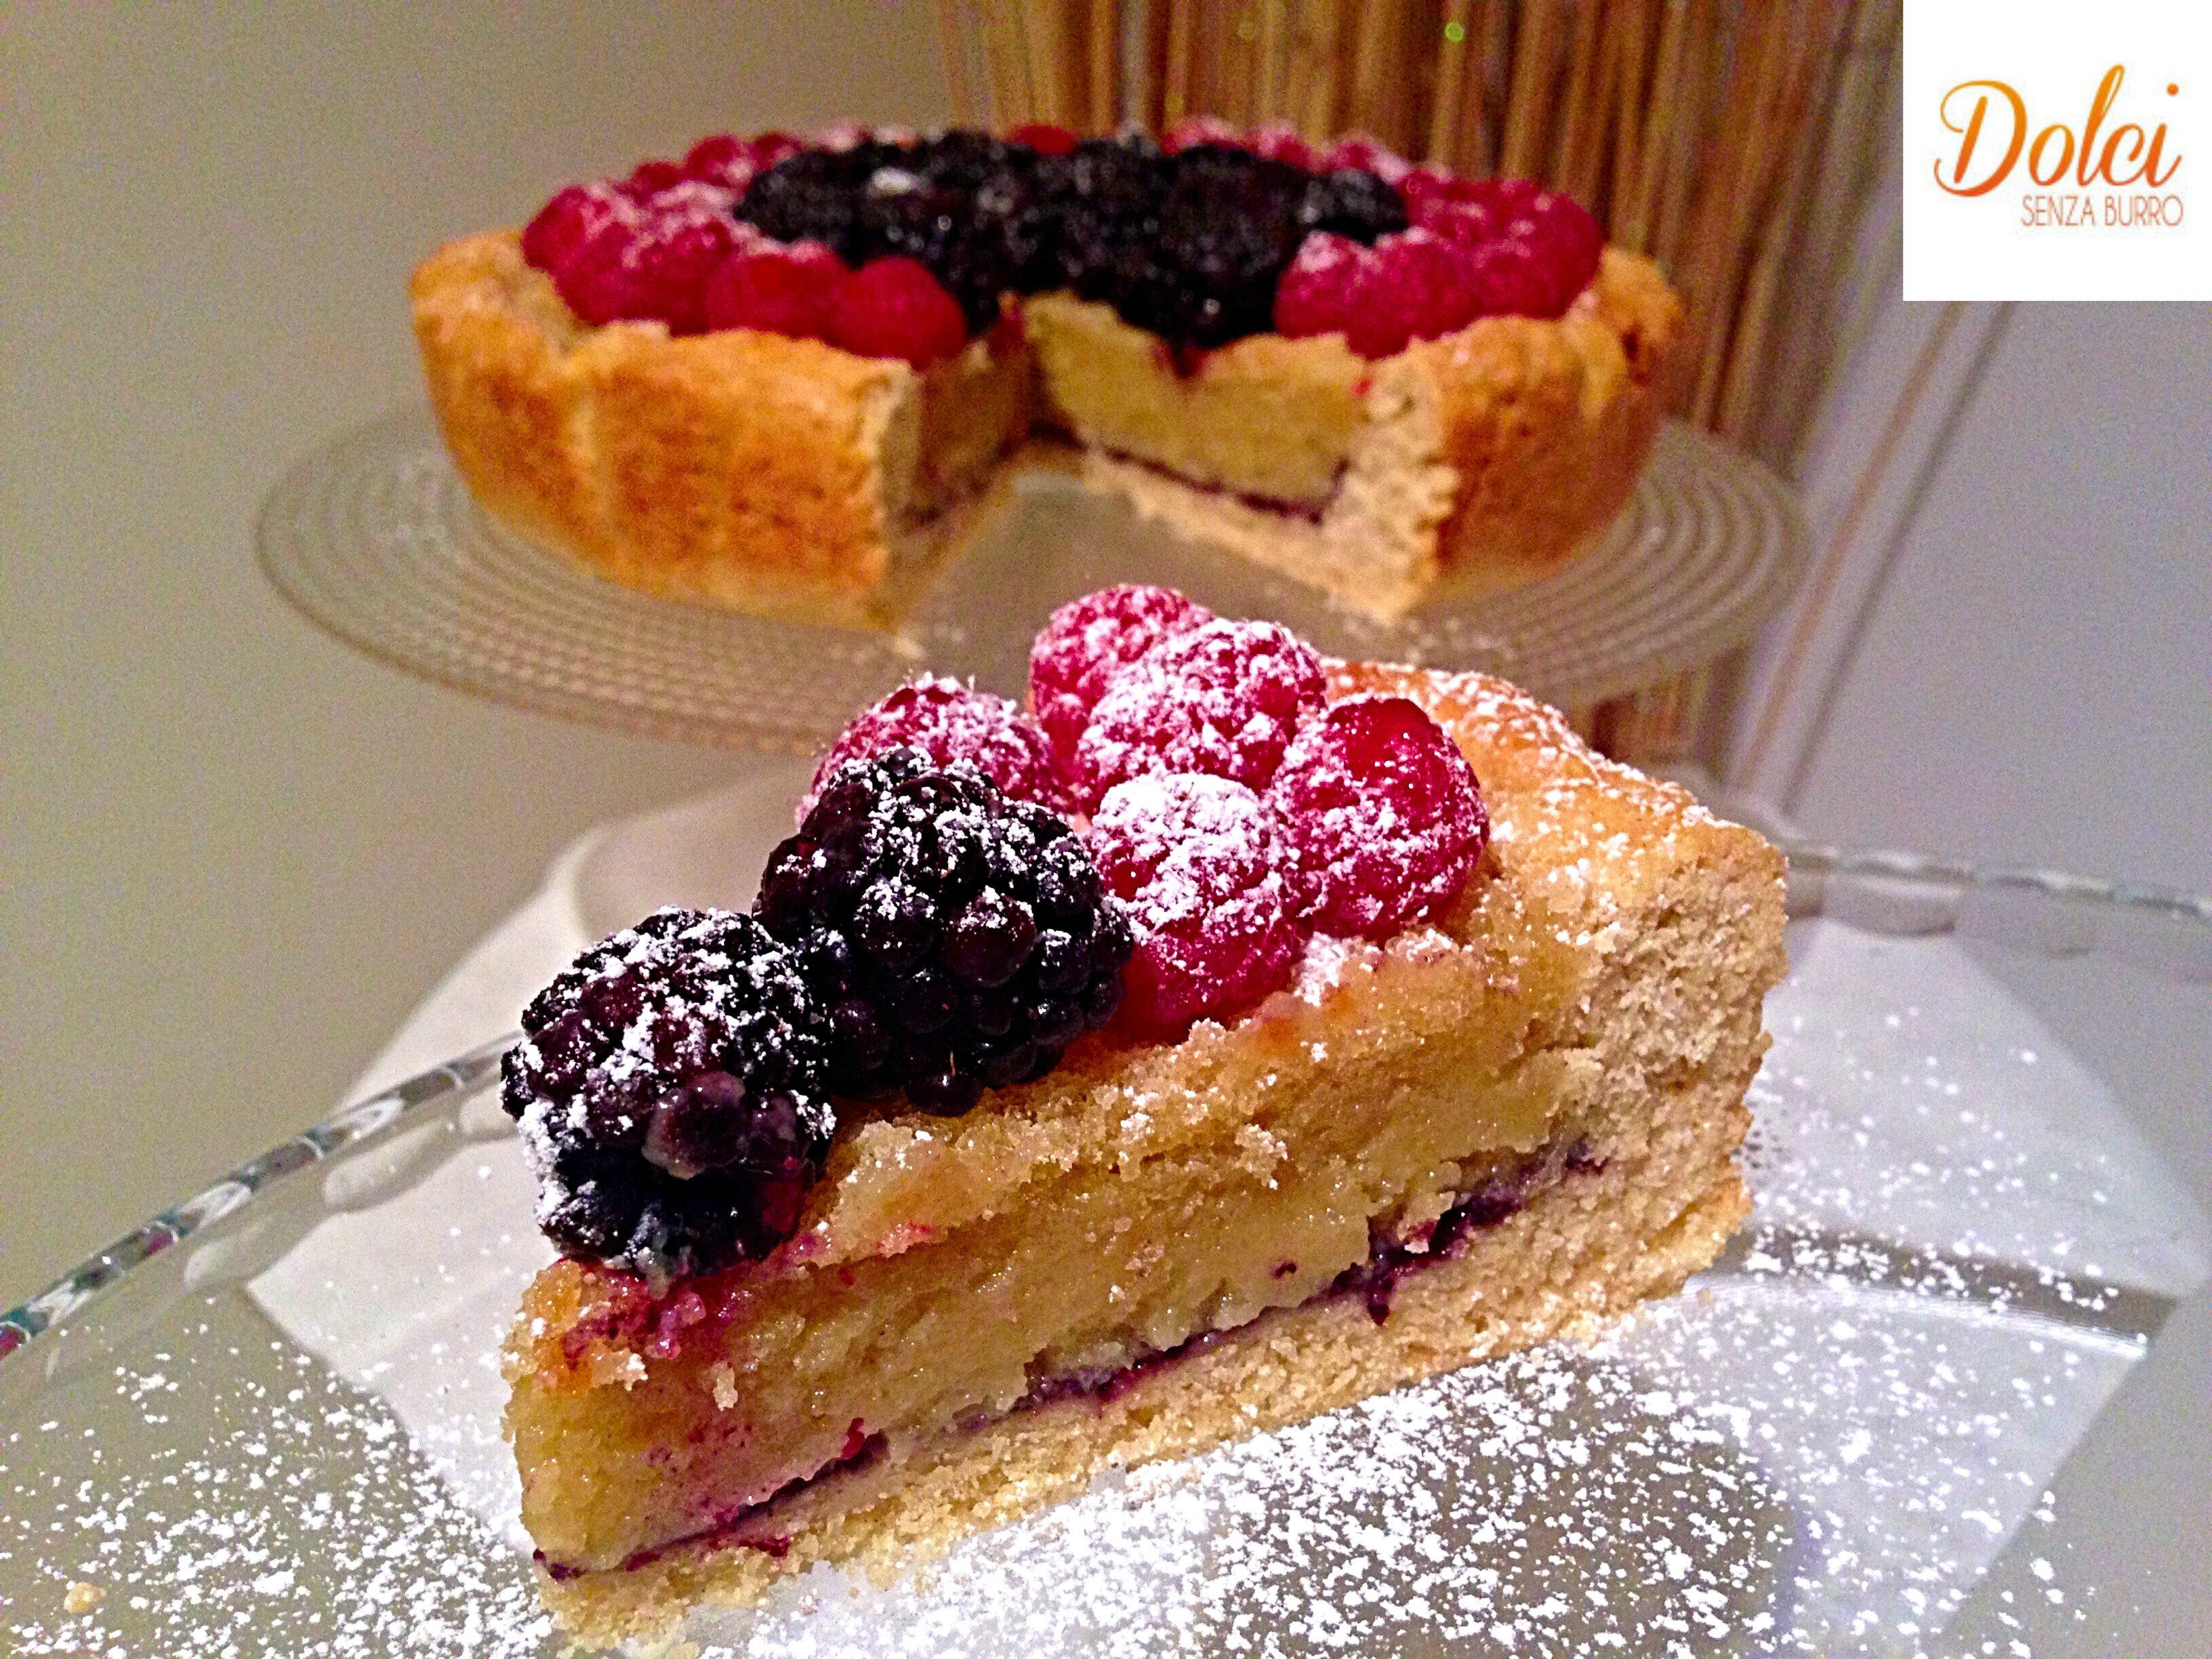 Crostata Frangipane ai Frutti di Bosco Senza Burro e Uova, il frangipane light di dolci senza burro